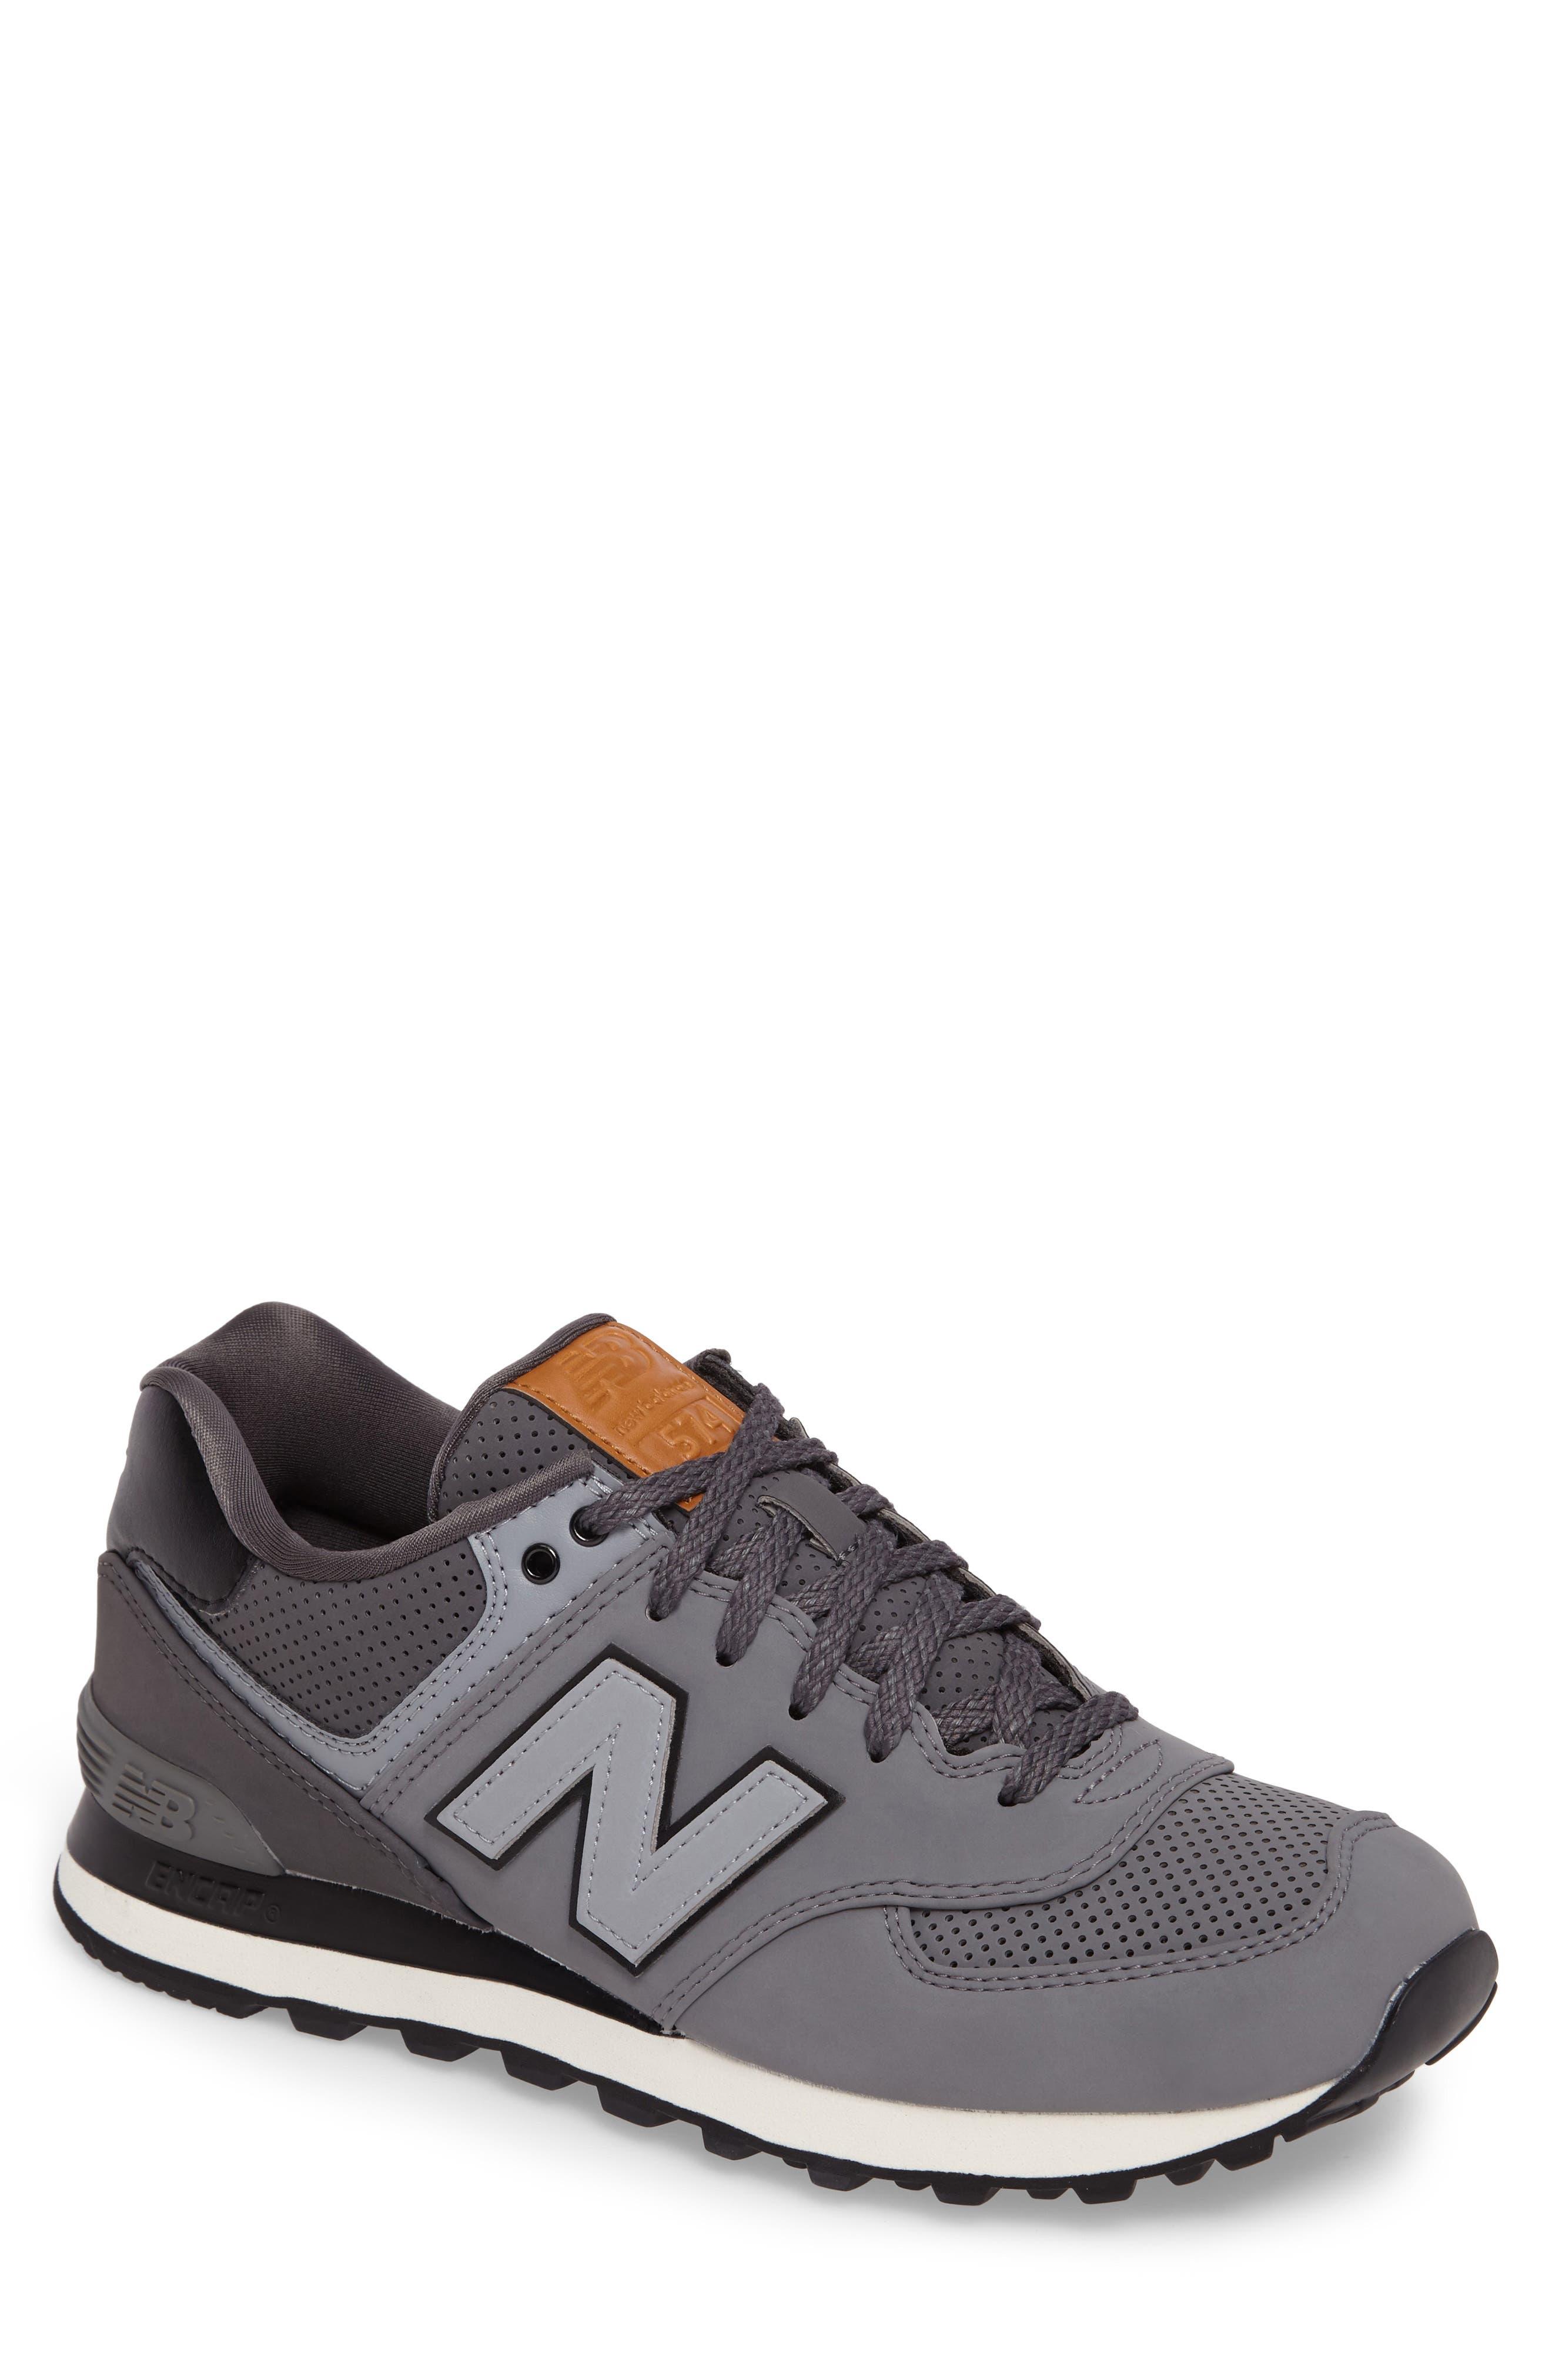 New Balance 574 Outdoor Sneaker (Men)